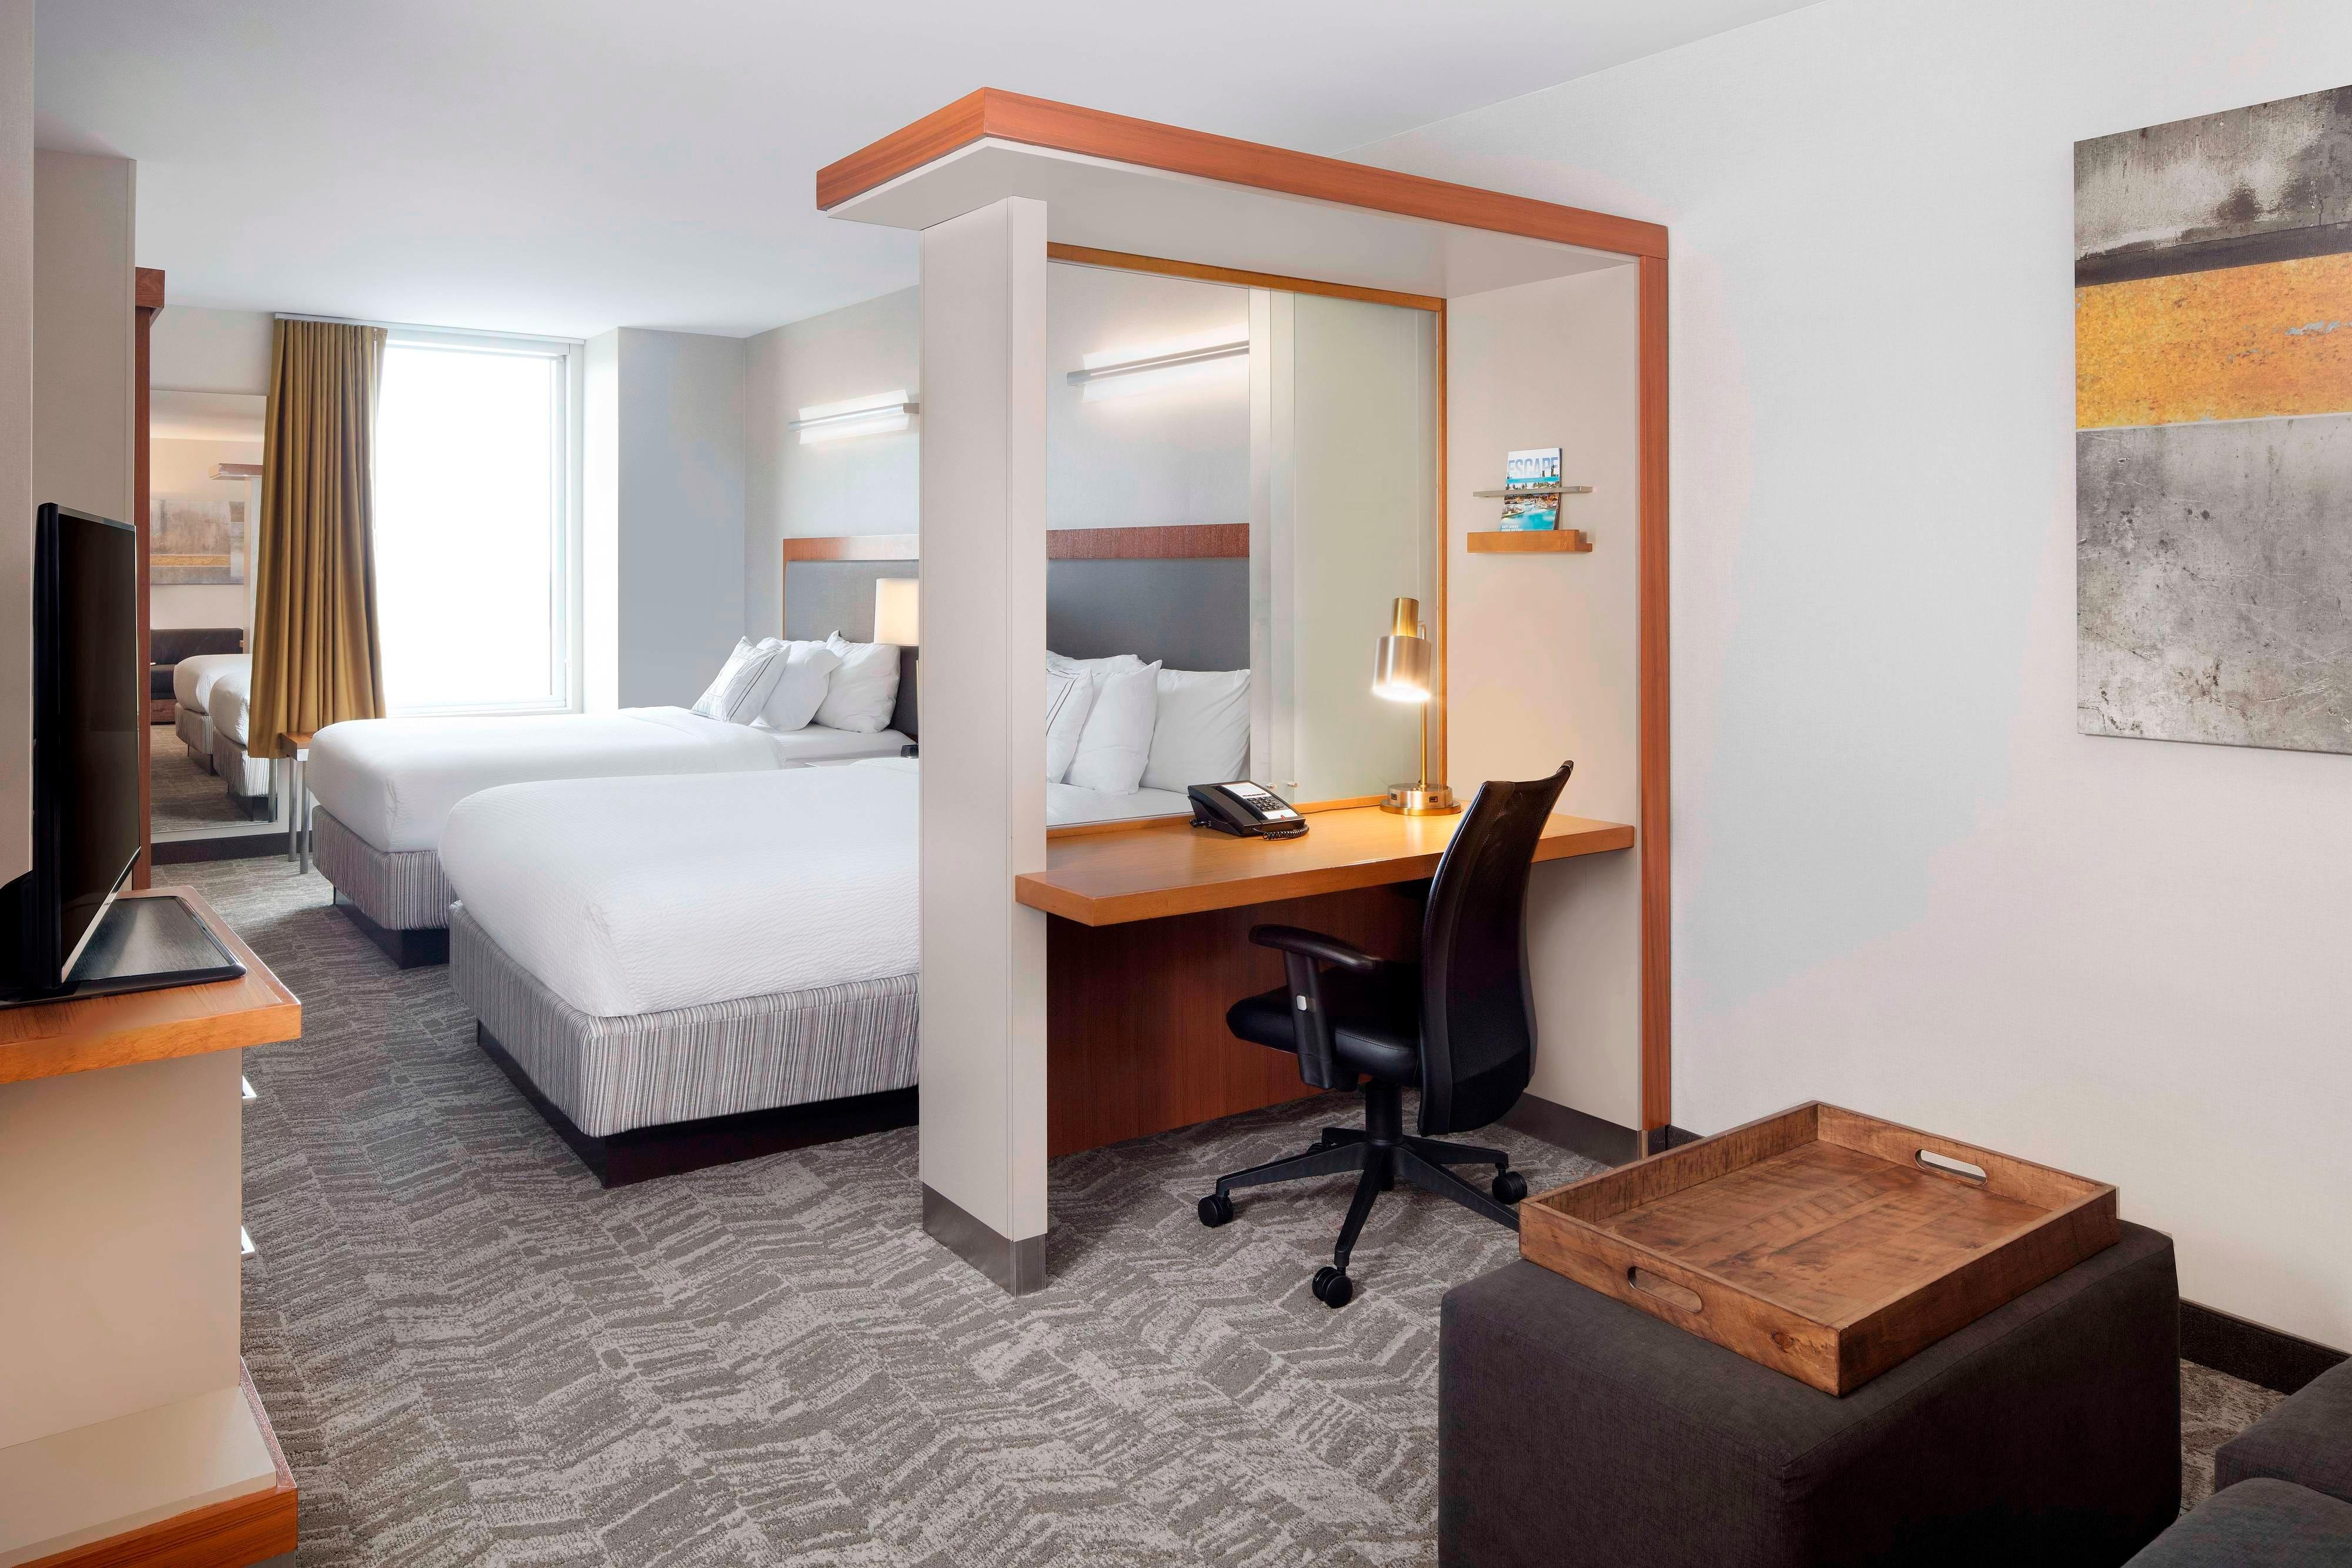 Suite mit zwei Queensize-Betten im oberen Etagenbereich